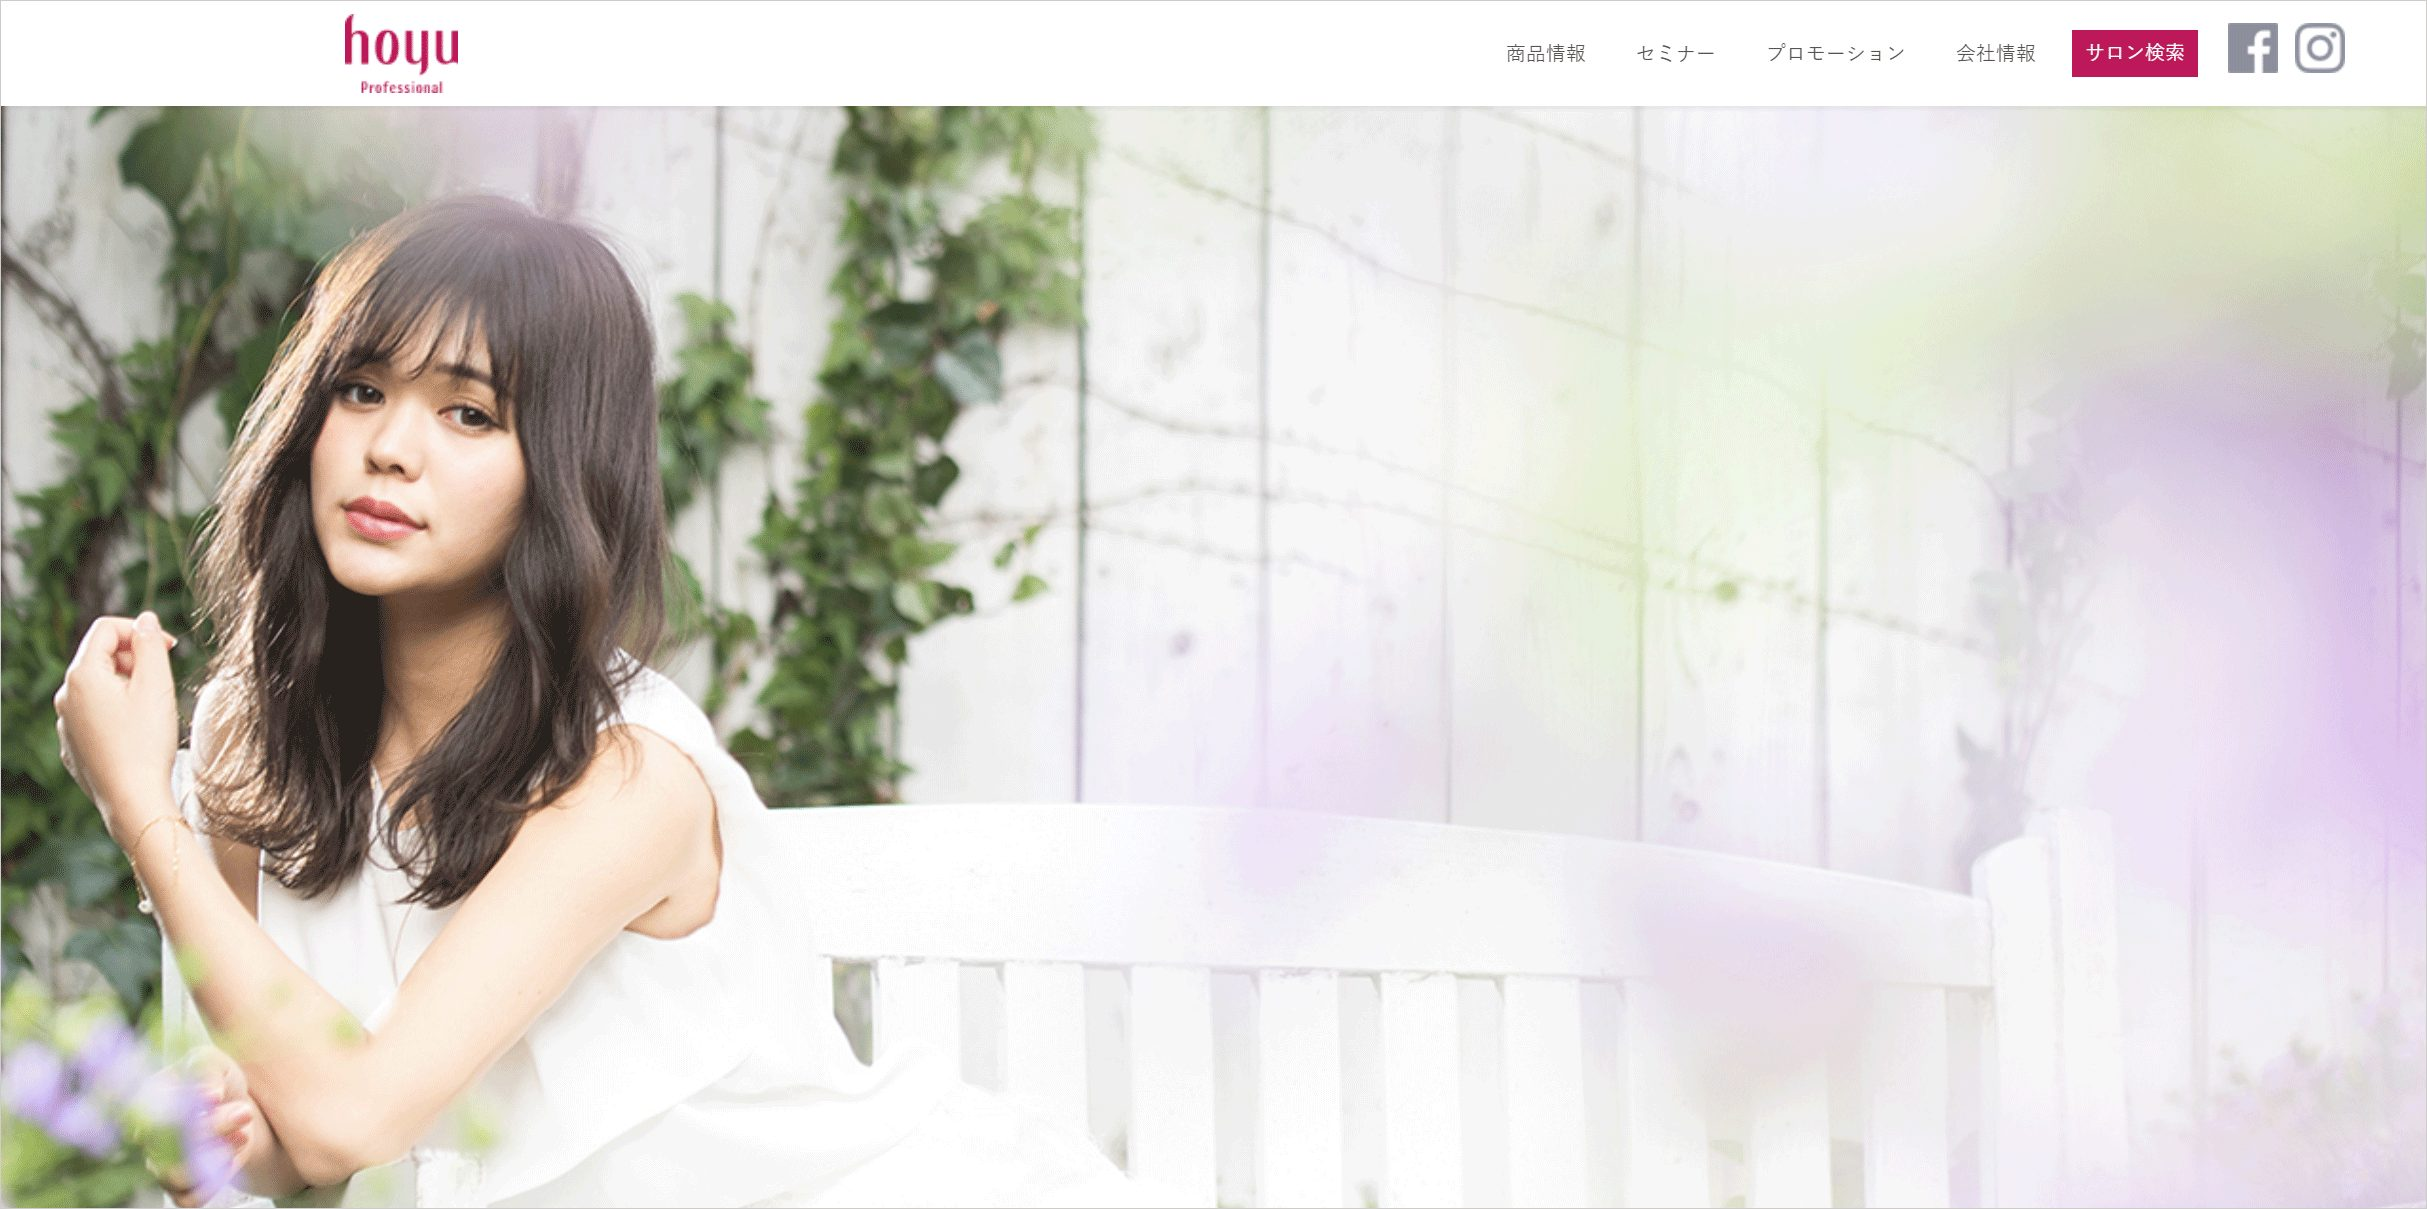 CMSを導入したホーユー株式会社のホームページ